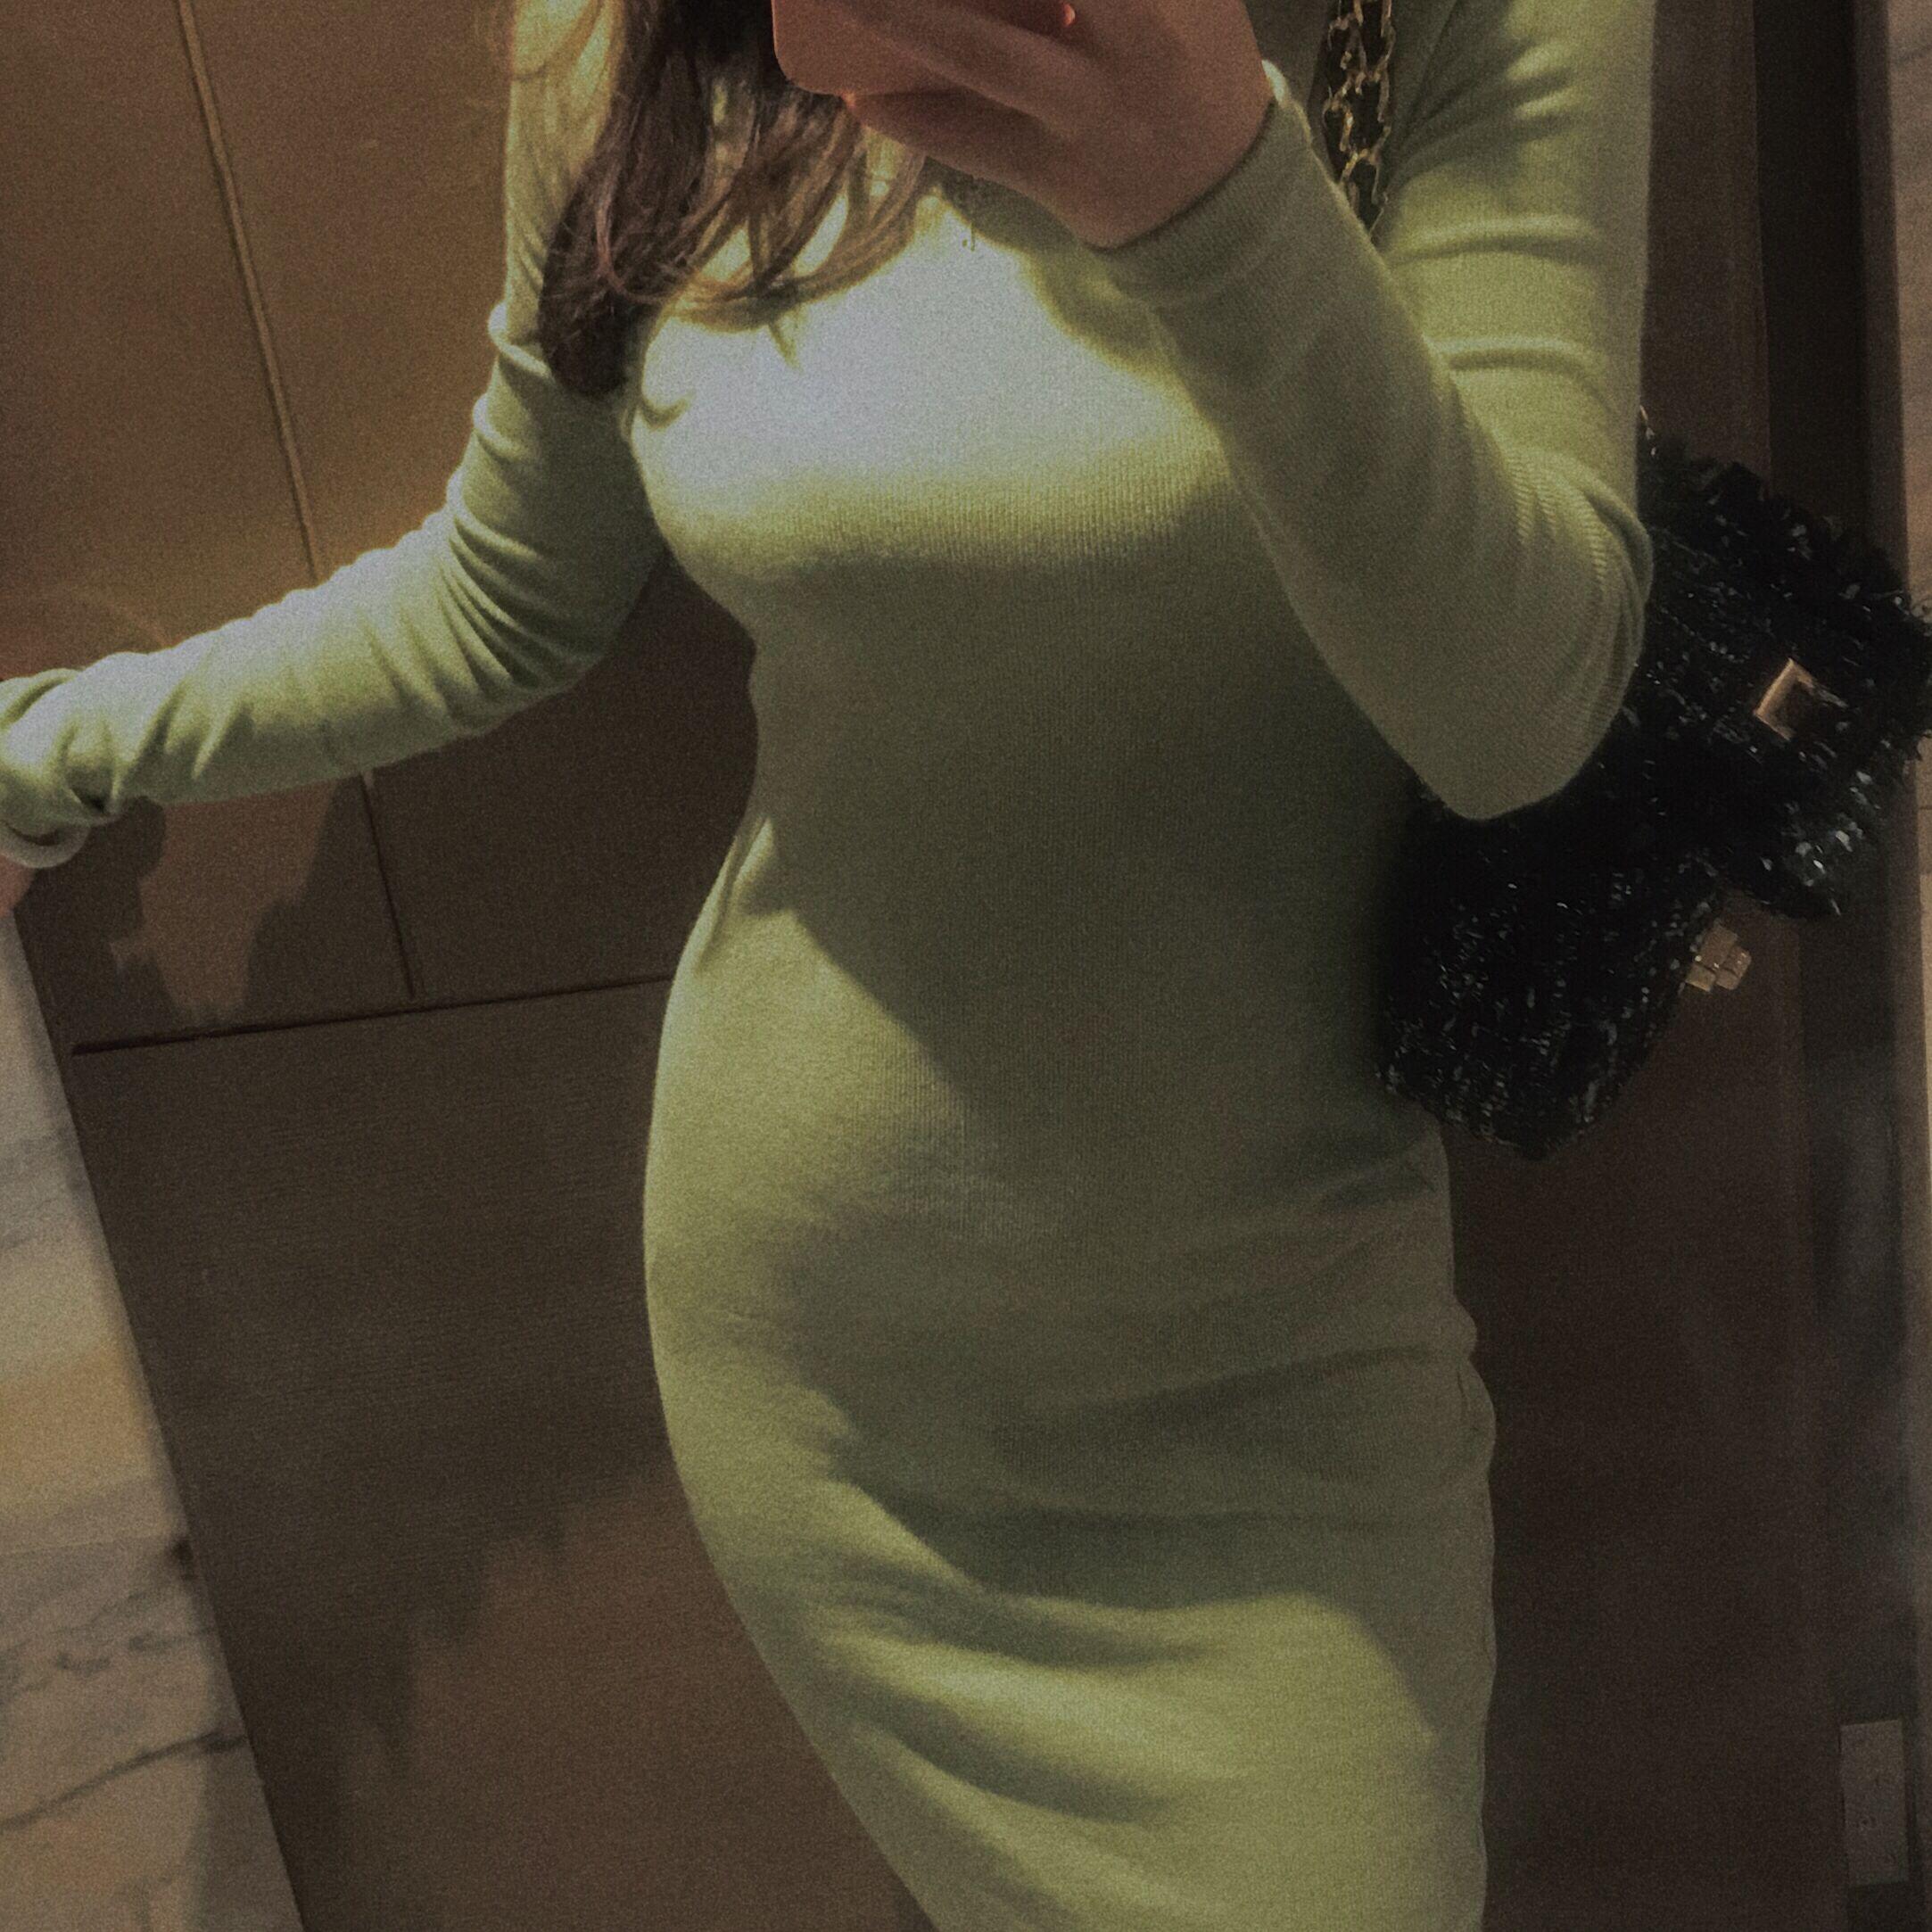 紧身连衣裙 green大姐姐原创优雅圆领长袖紧身包臀连衣裙打底针织中长裙_推荐淘宝好看的紧身连衣裙